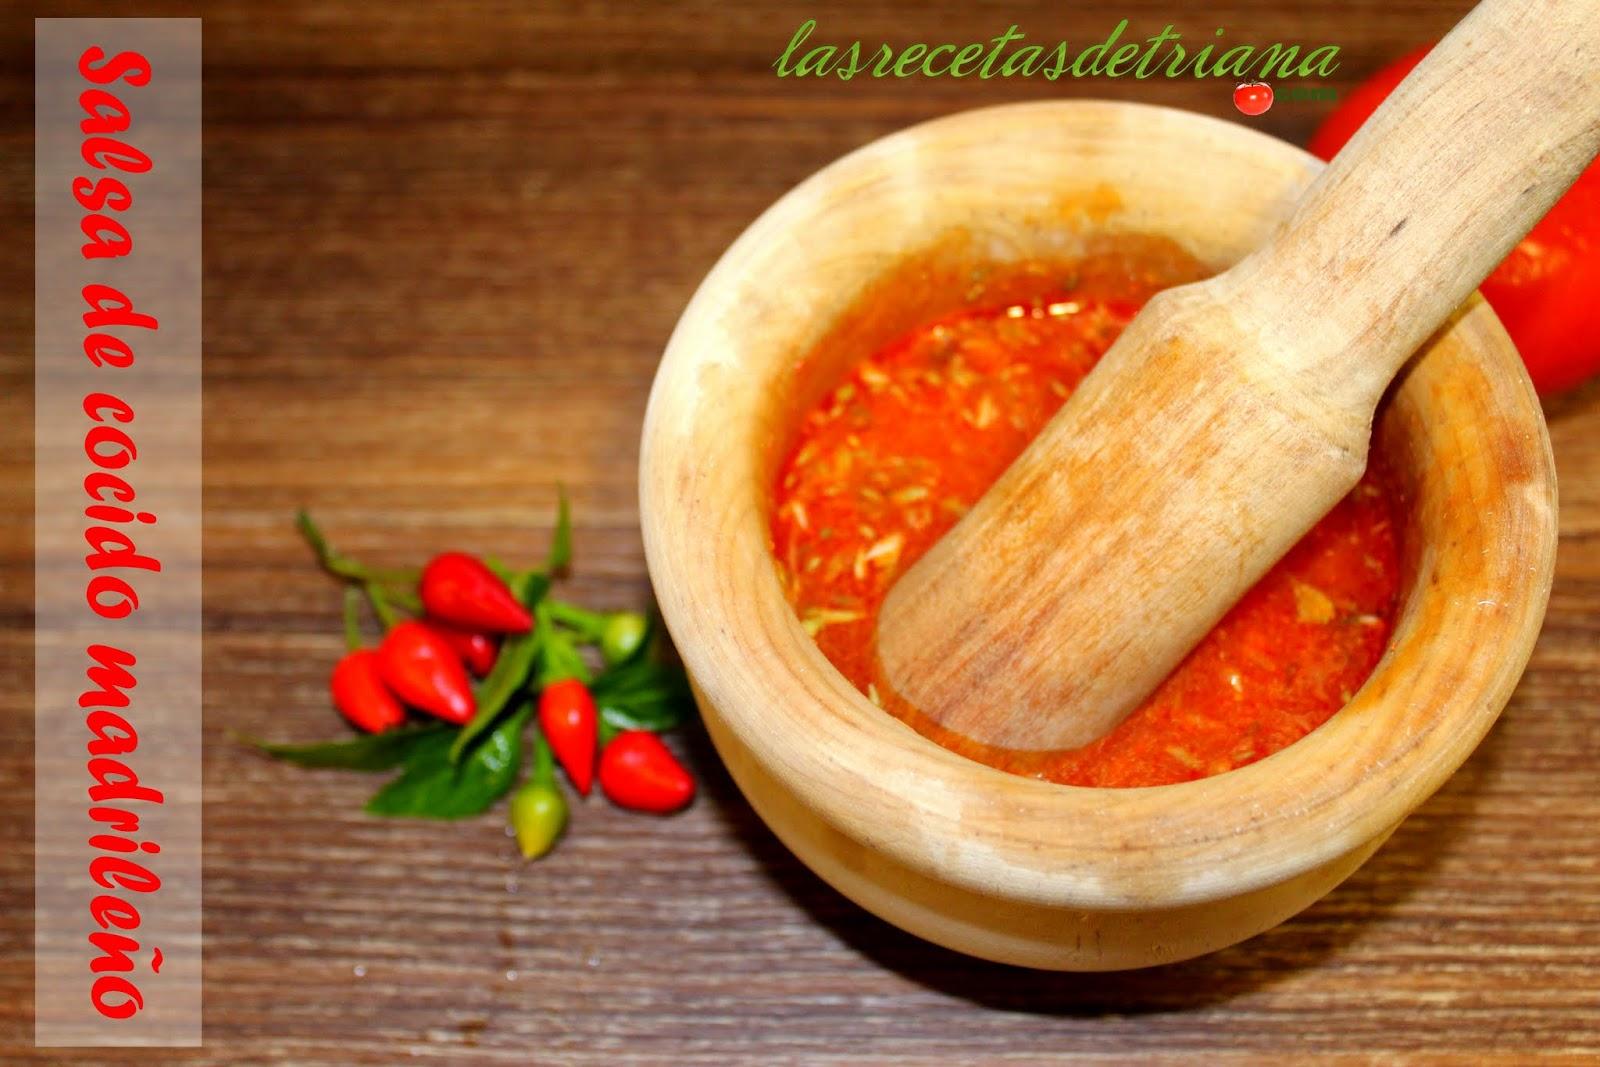 Las recetas de triana salsa de cocido 2 0 - Salsa para bogavante cocido ...